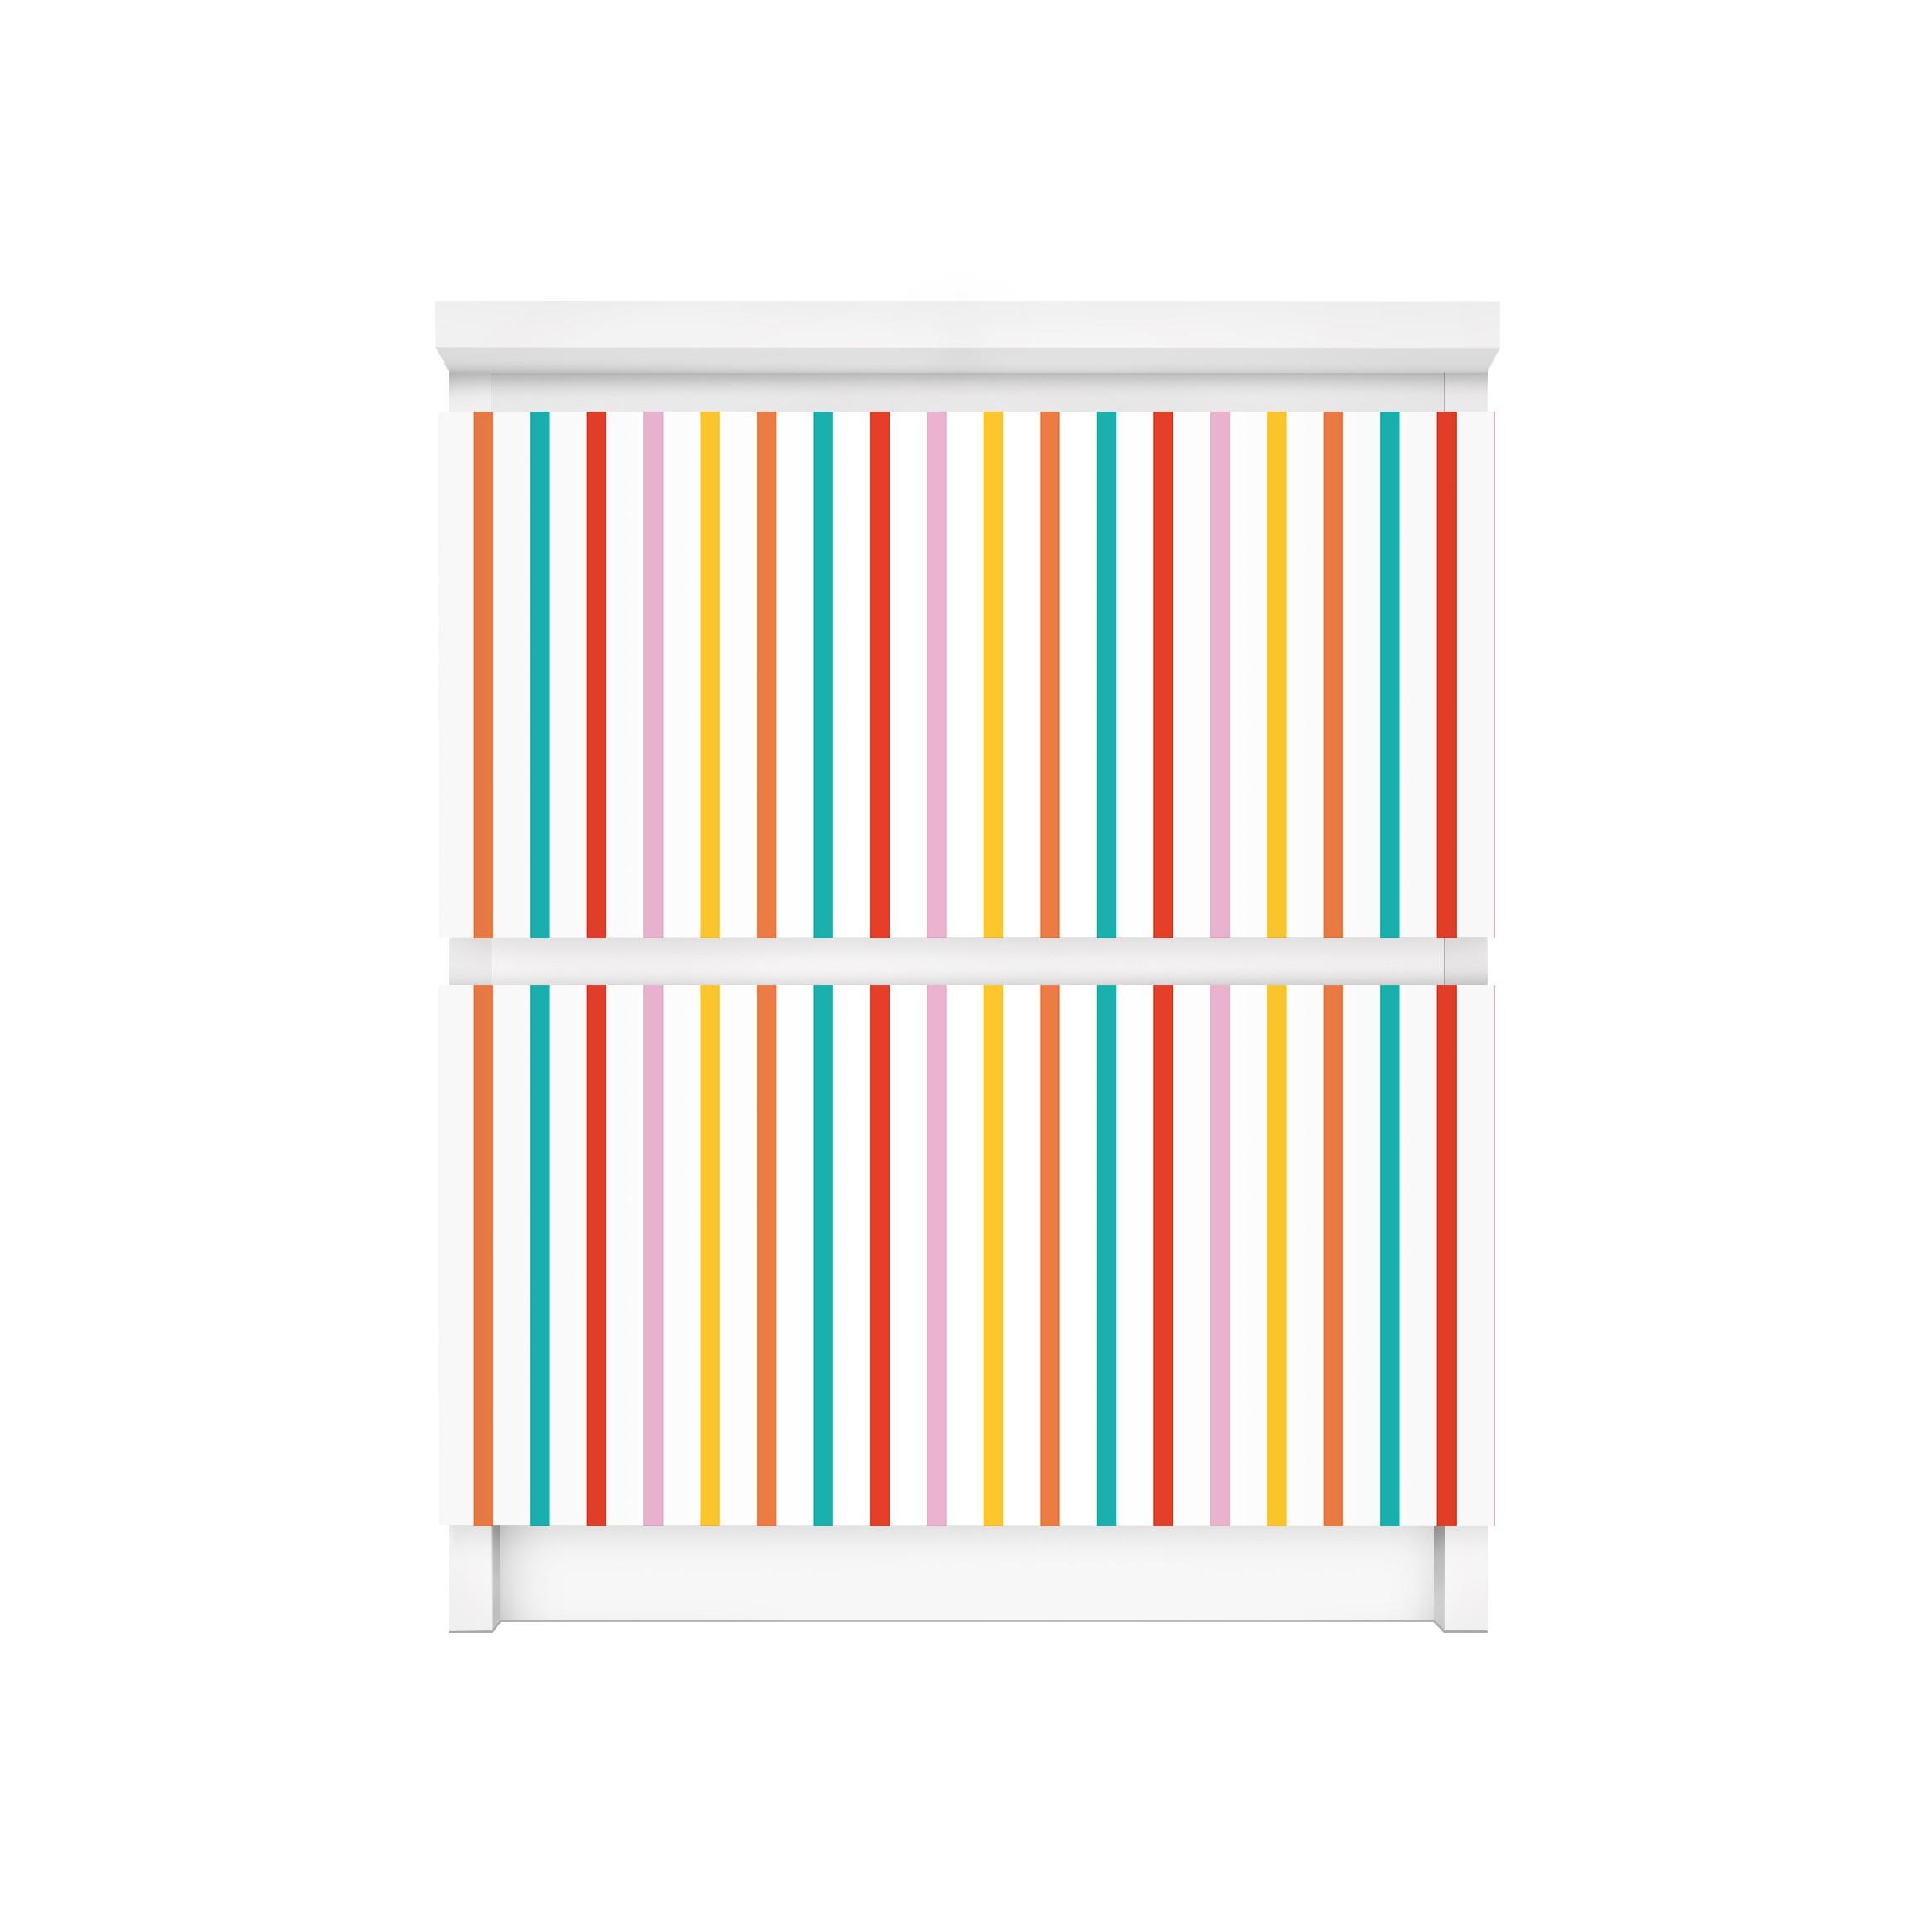 Carta adesiva per mobili ikea malm cassettiera 2xcassetti no ul750 stripes - Ikea ruote per mobili ...